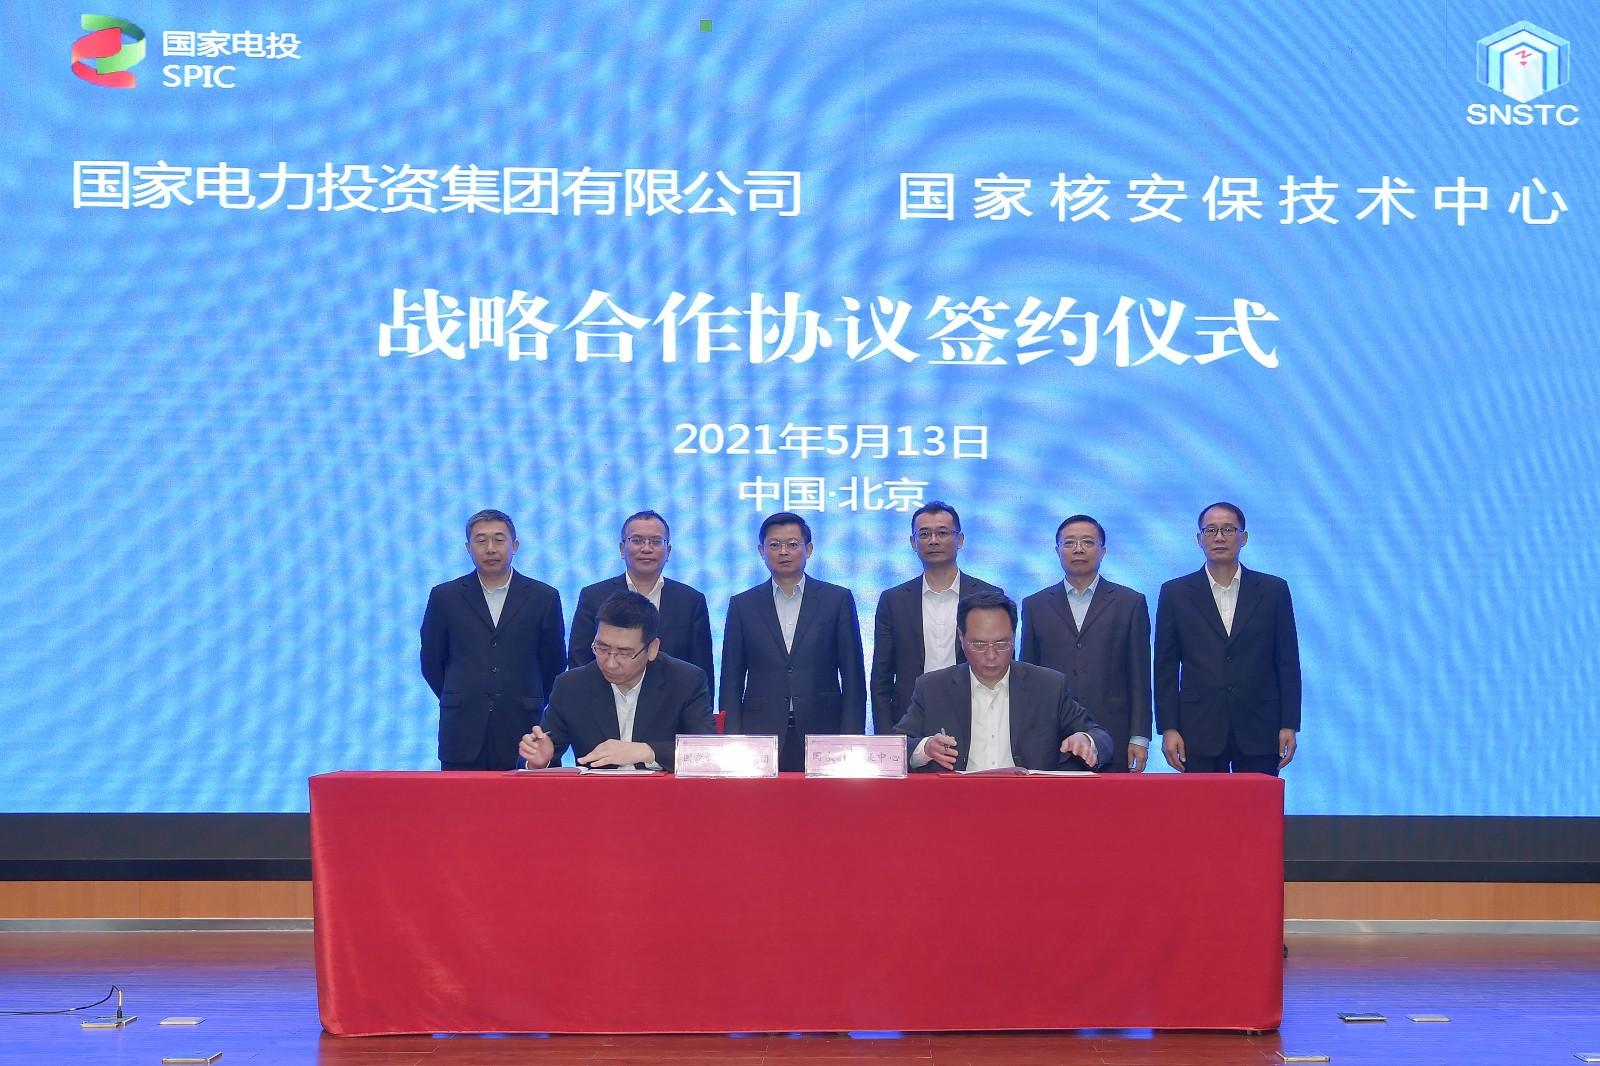 国家电投与国家核安保技术中心签署战略合作框架协议